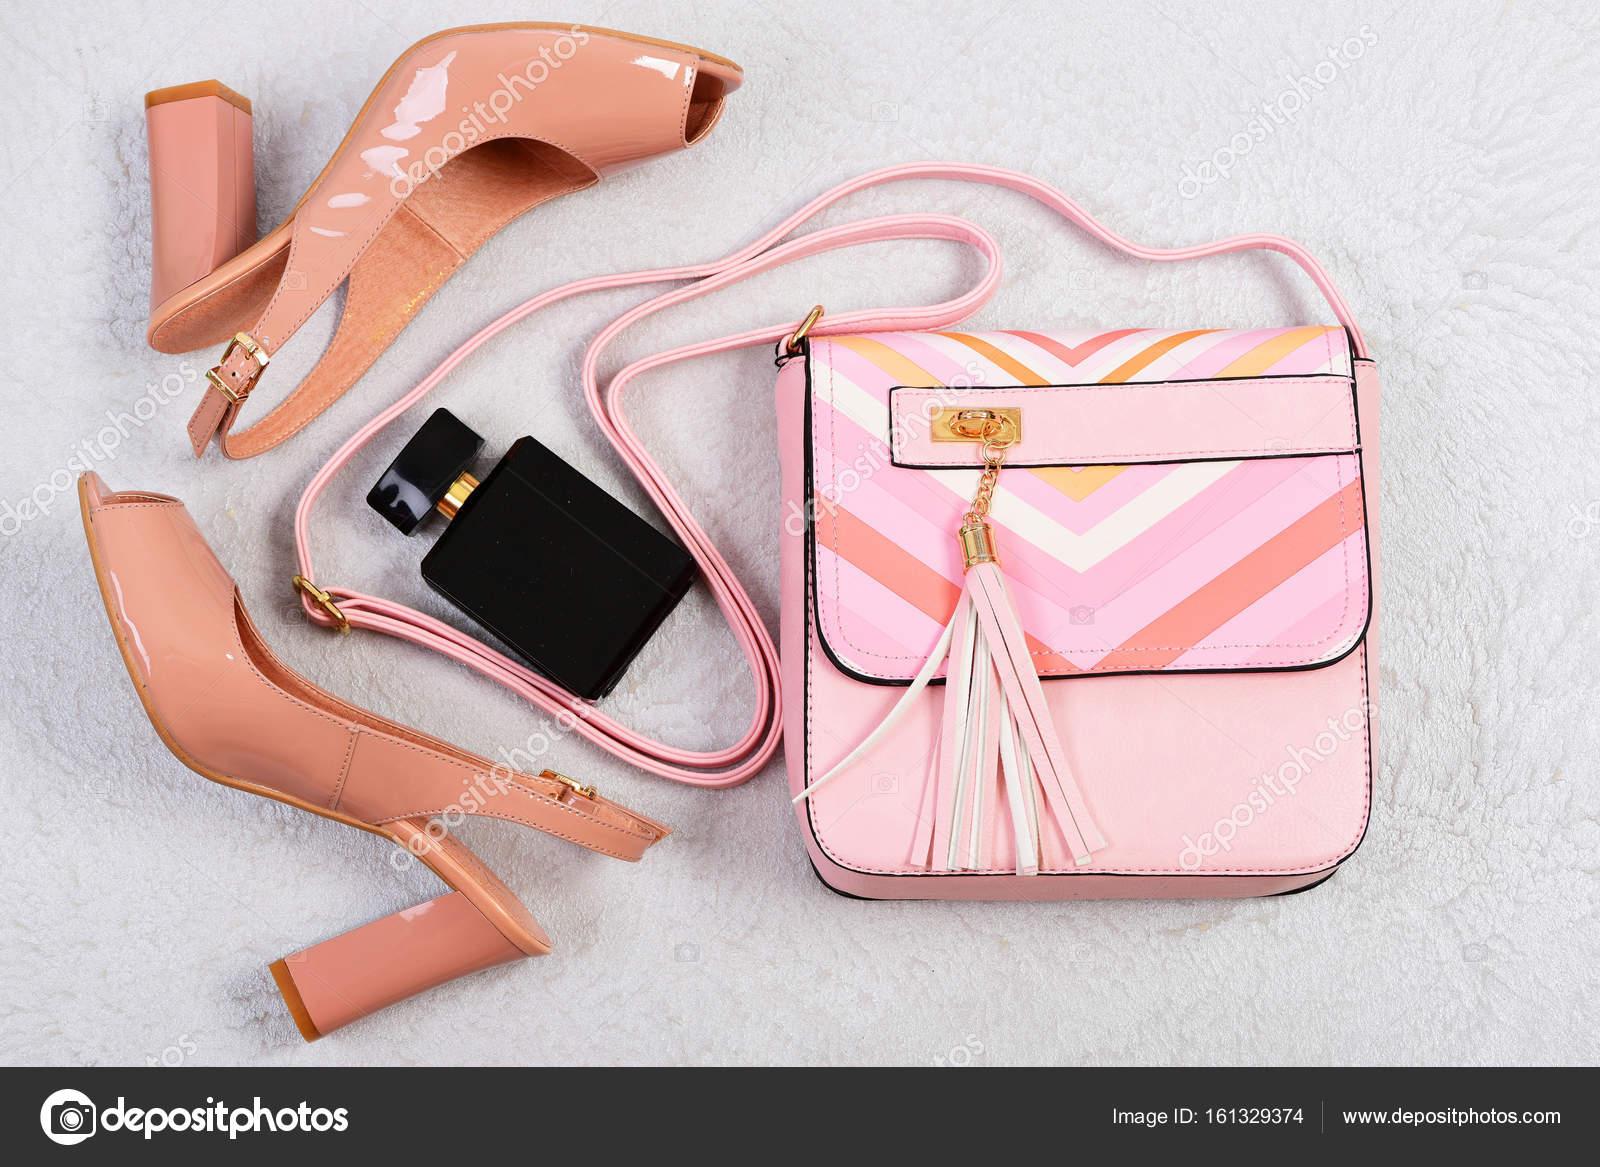 925aa70c98 Ψηλοτάκουνα Γυναικεία παπούτσια και αξεσουάρ σε λευκό φόντο ...